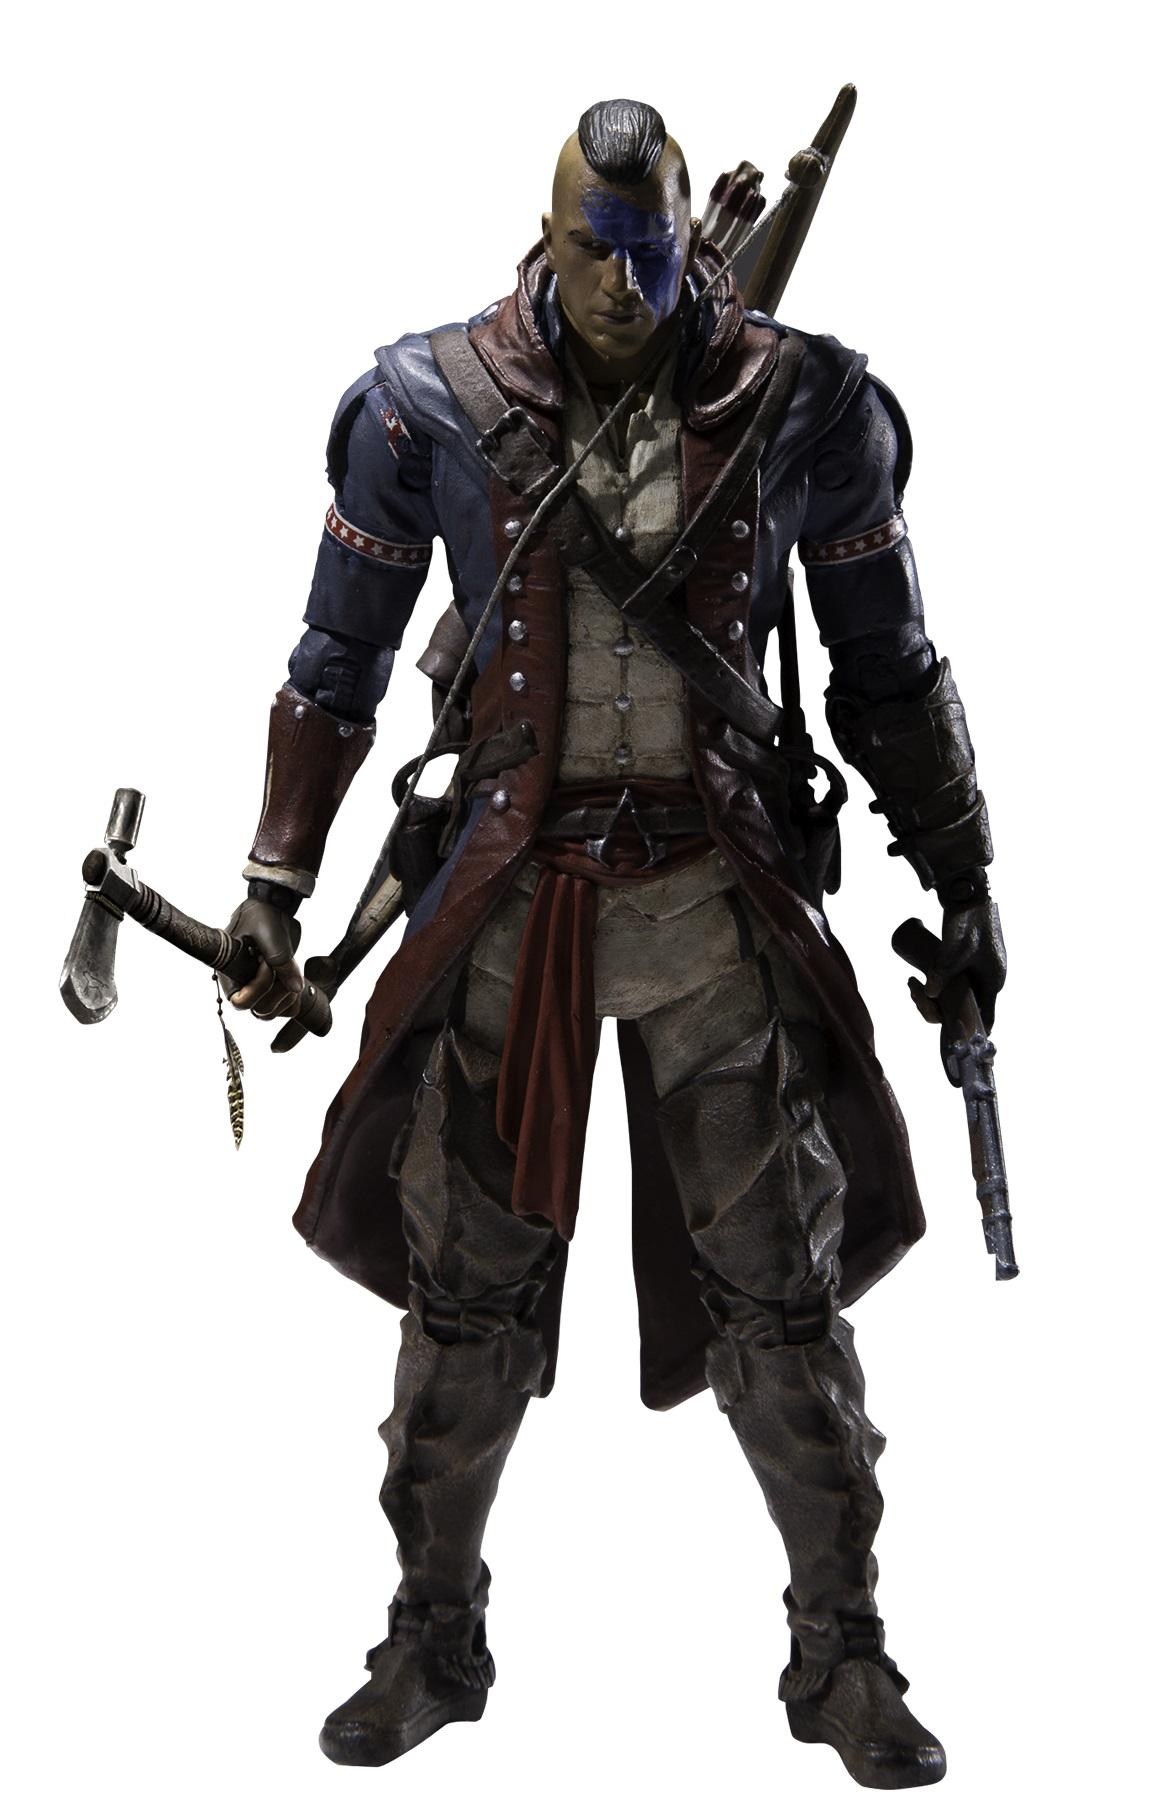 Фигурка Assassins Creed. Series 5. Revolutionary Connor (15 см)Представляем вашему вниманию фигурку Assassins Creed. Series 5. Revolutionary Connor, воплощающую собой одного из персонажей популярной серии игр Assassins Creed.<br>